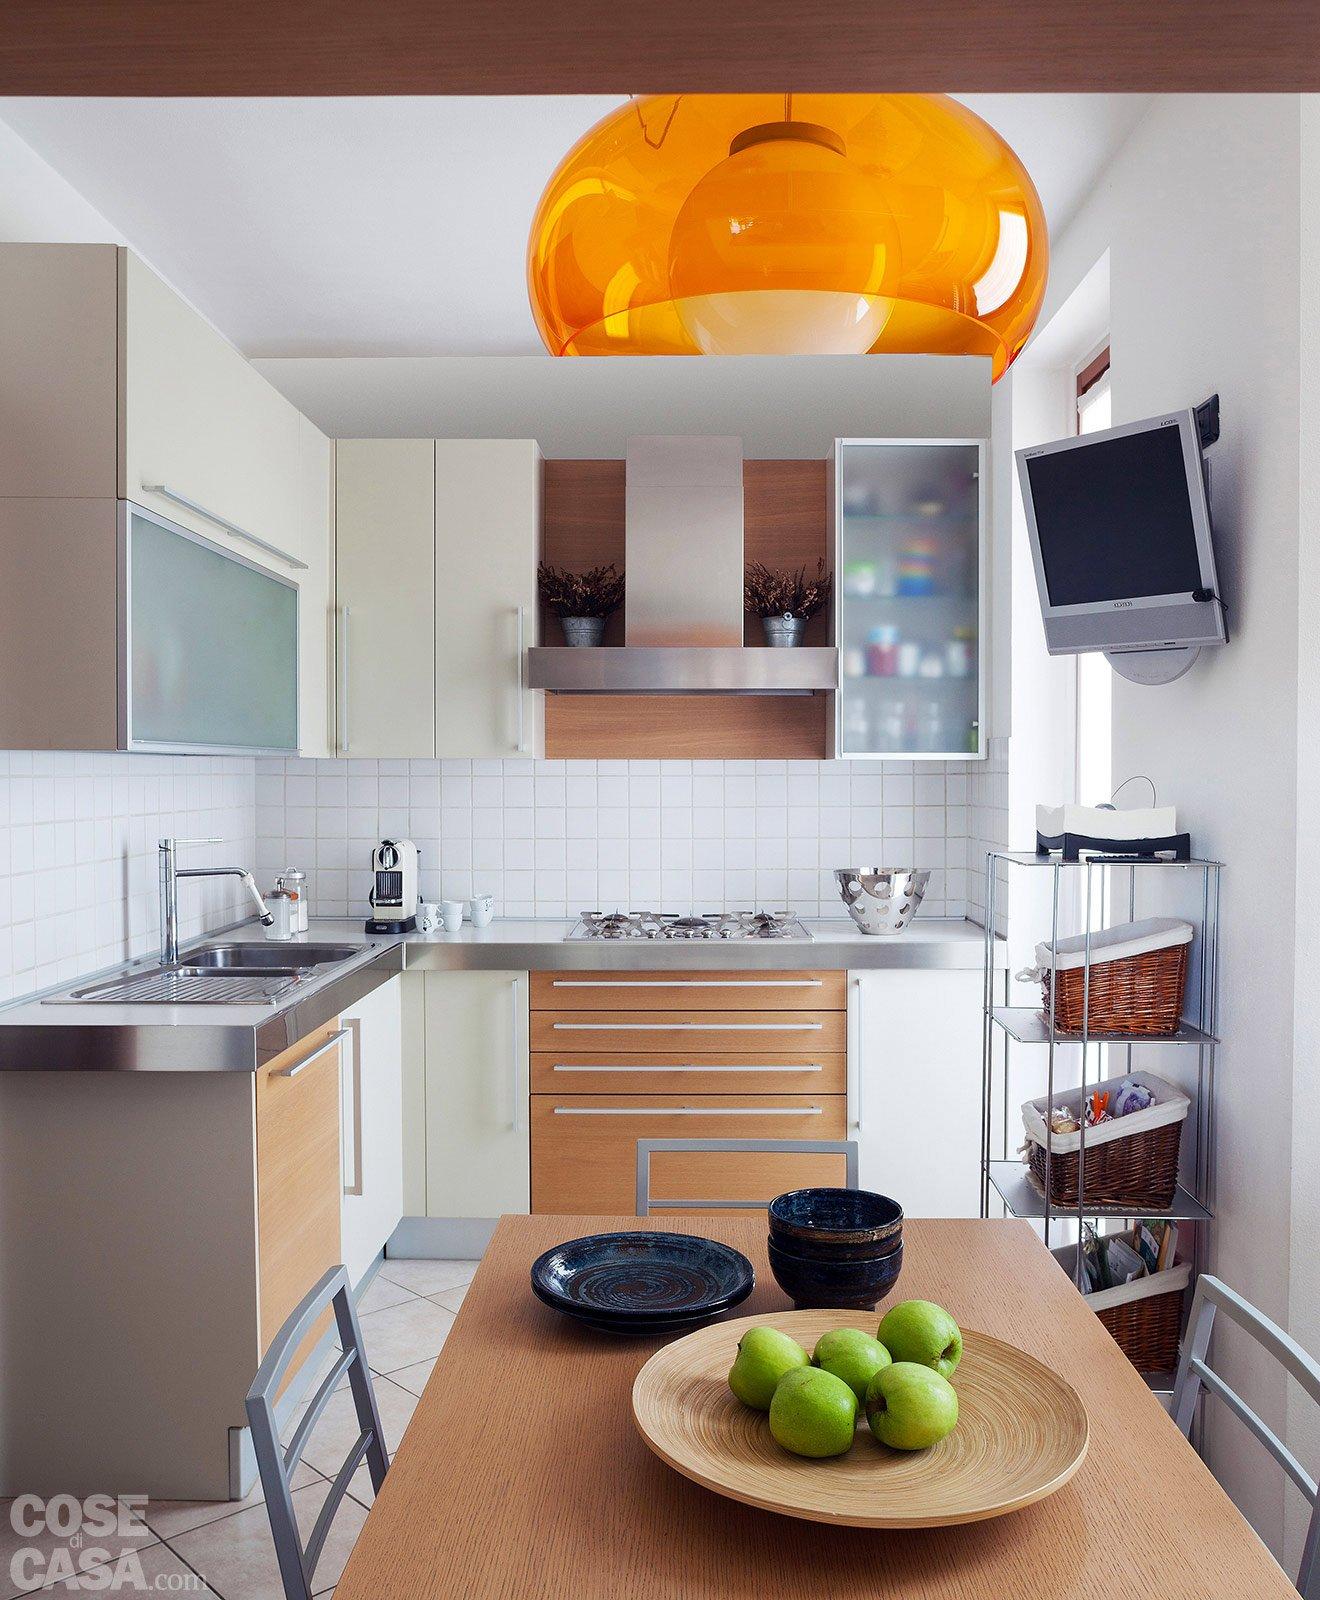 Una casa formato famiglia cose di casa - Disegnare cucina ikea ...